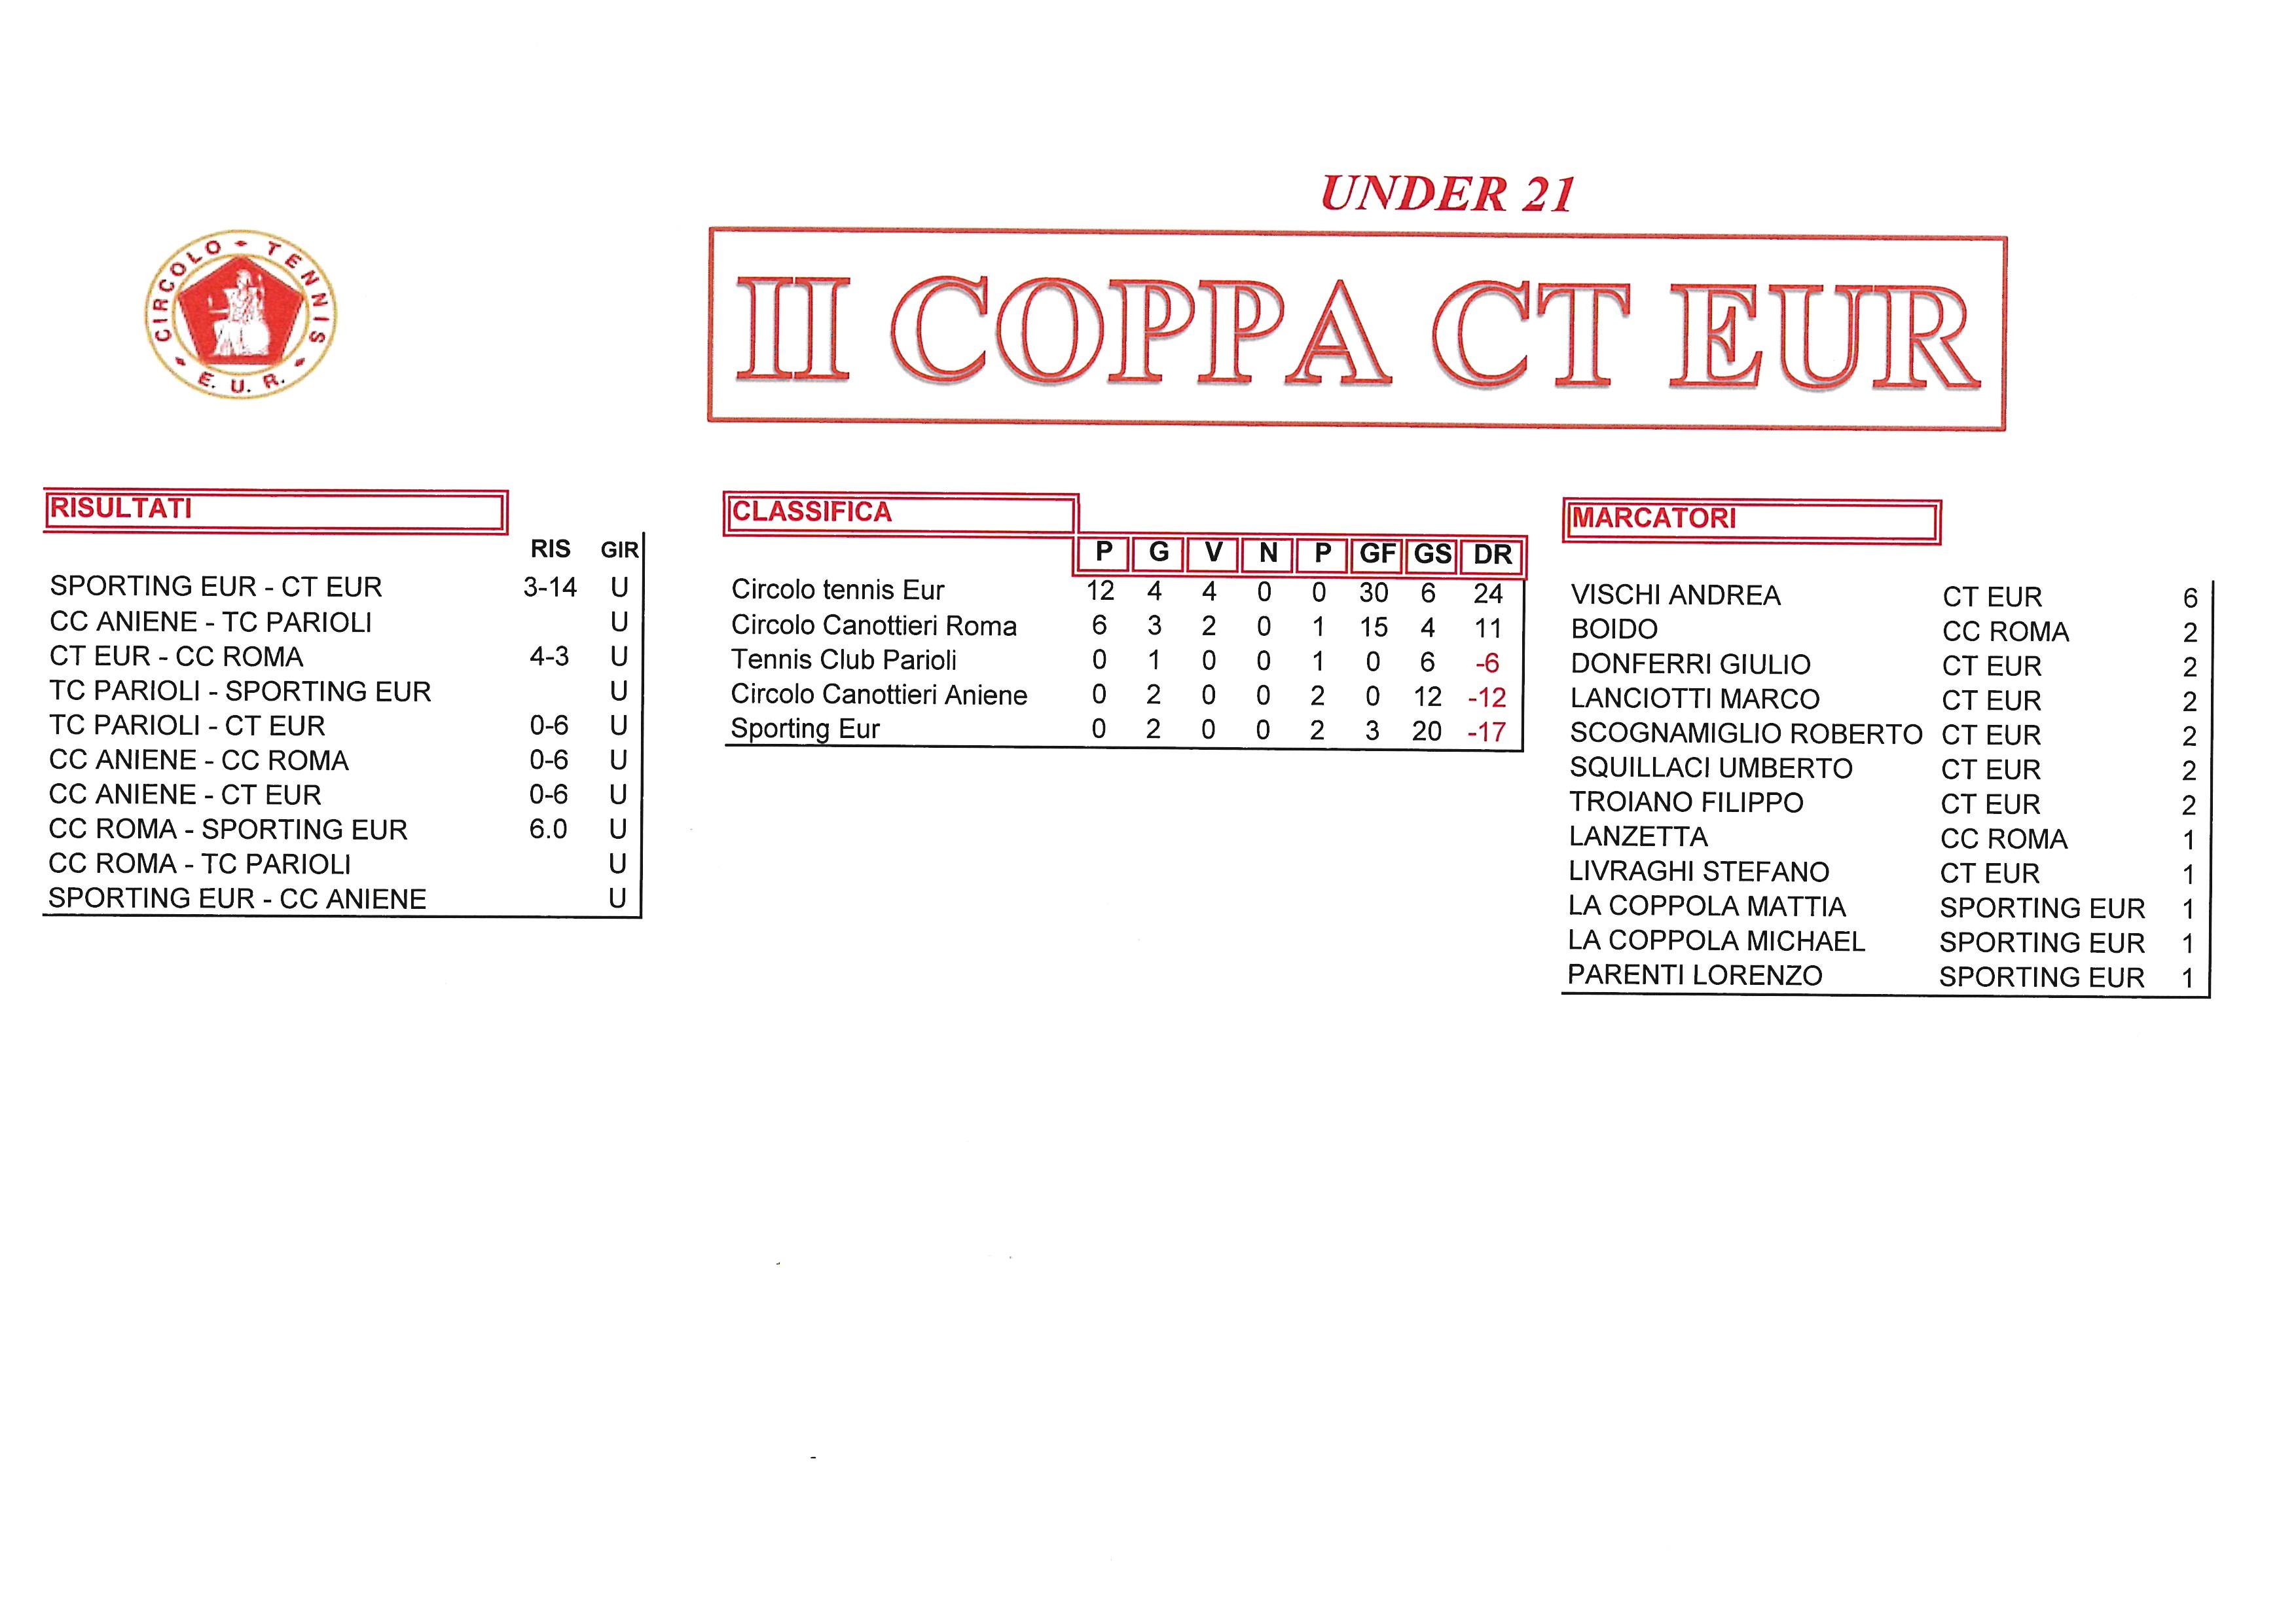 Coppa-CT-Eur-risultati-del-2-ottobre-2017-Under-21